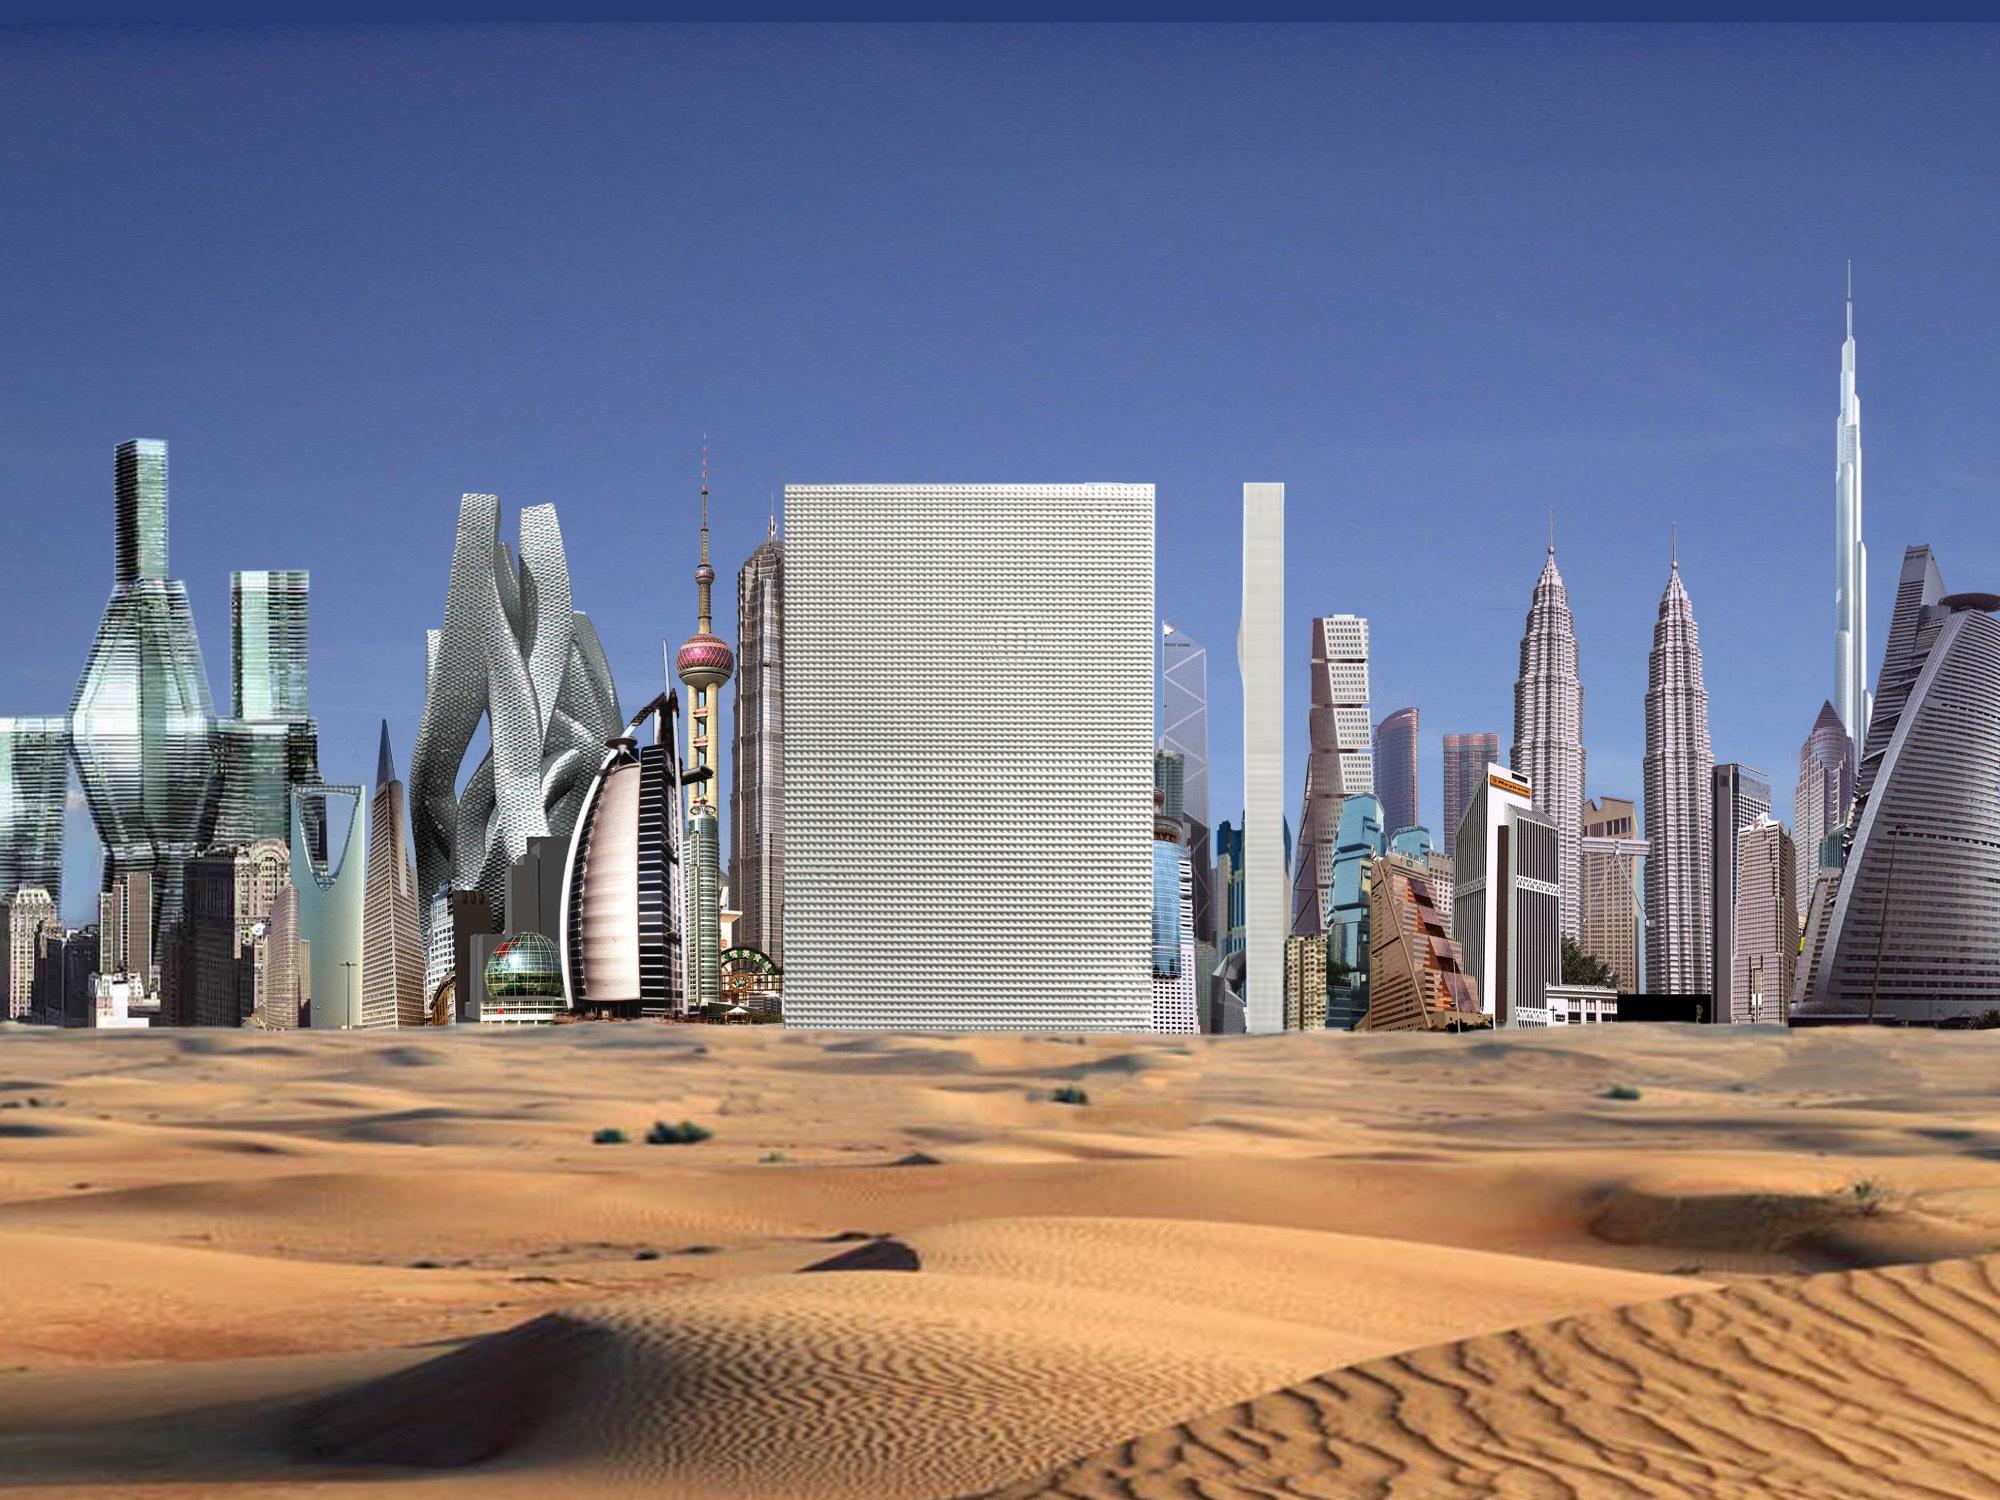 Σκέψεις για την Αρχιτεκτονική και την Ιδεολογία